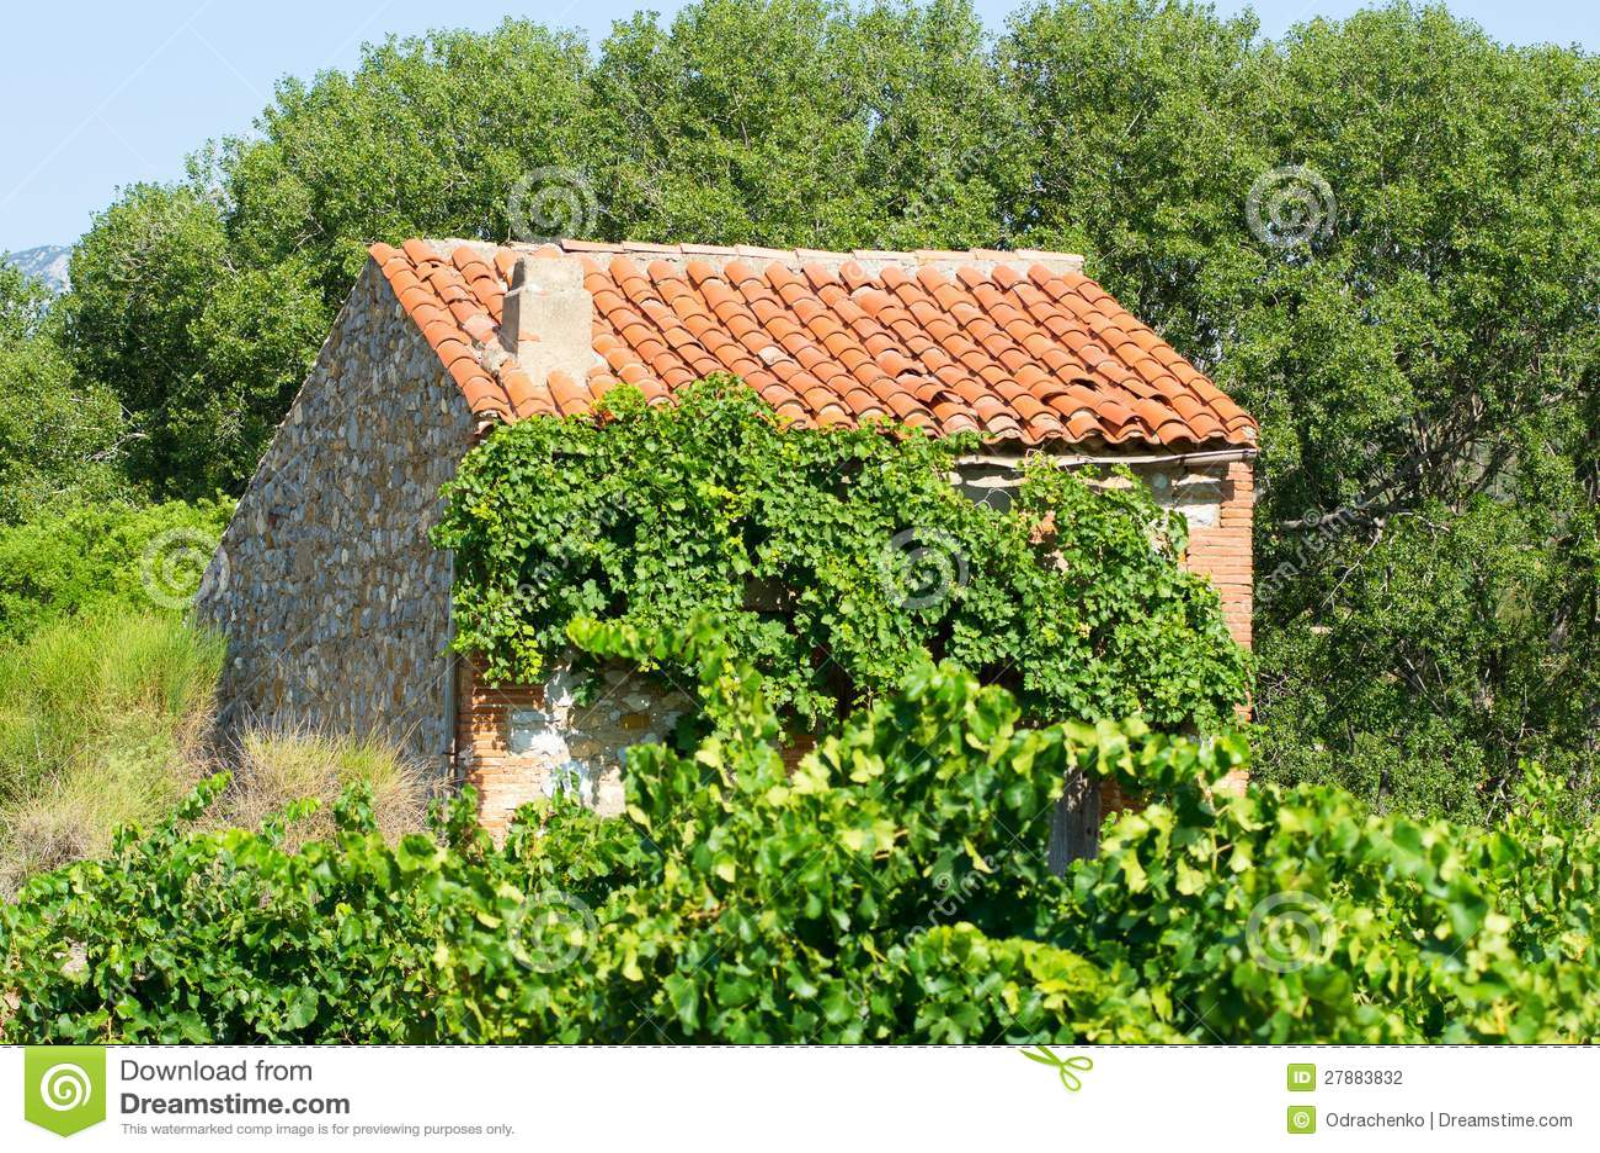 Petite maison une vigne au sud de la france photo stock for Acheter une maison sud de la france